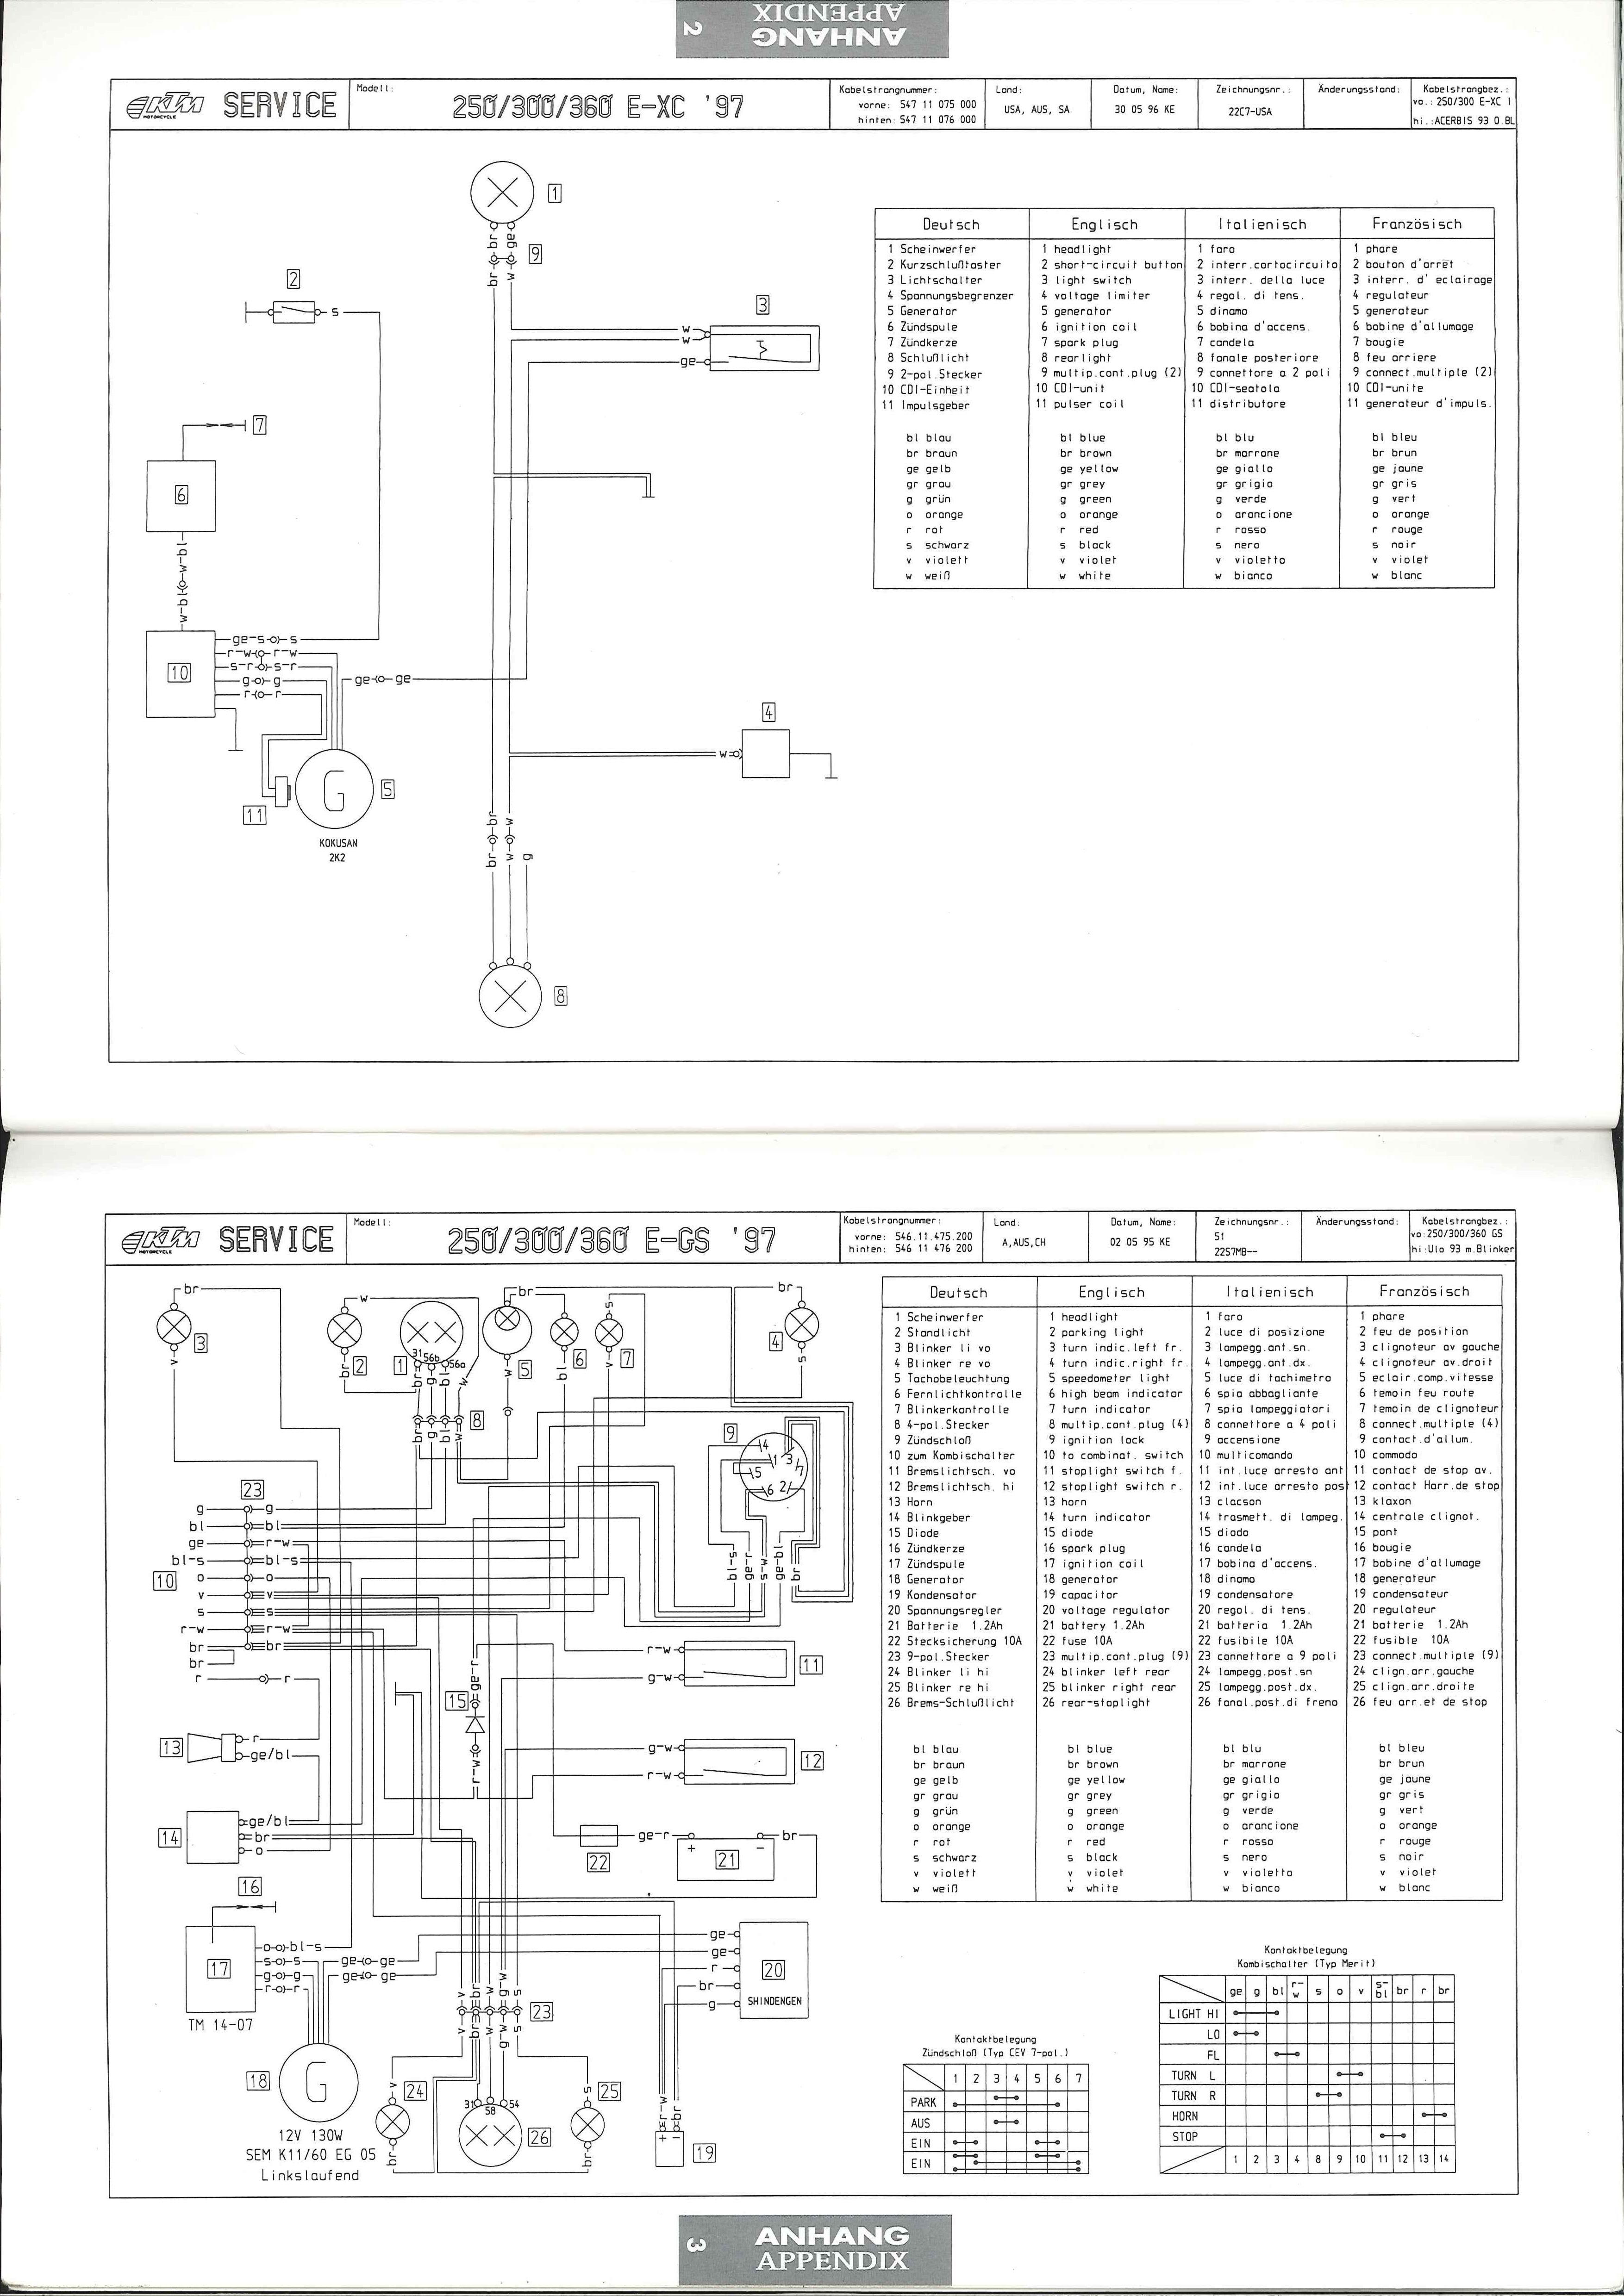 Großartig Furt Coil Schaltplan Bilder - Elektrische Schaltplan-Ideen ...